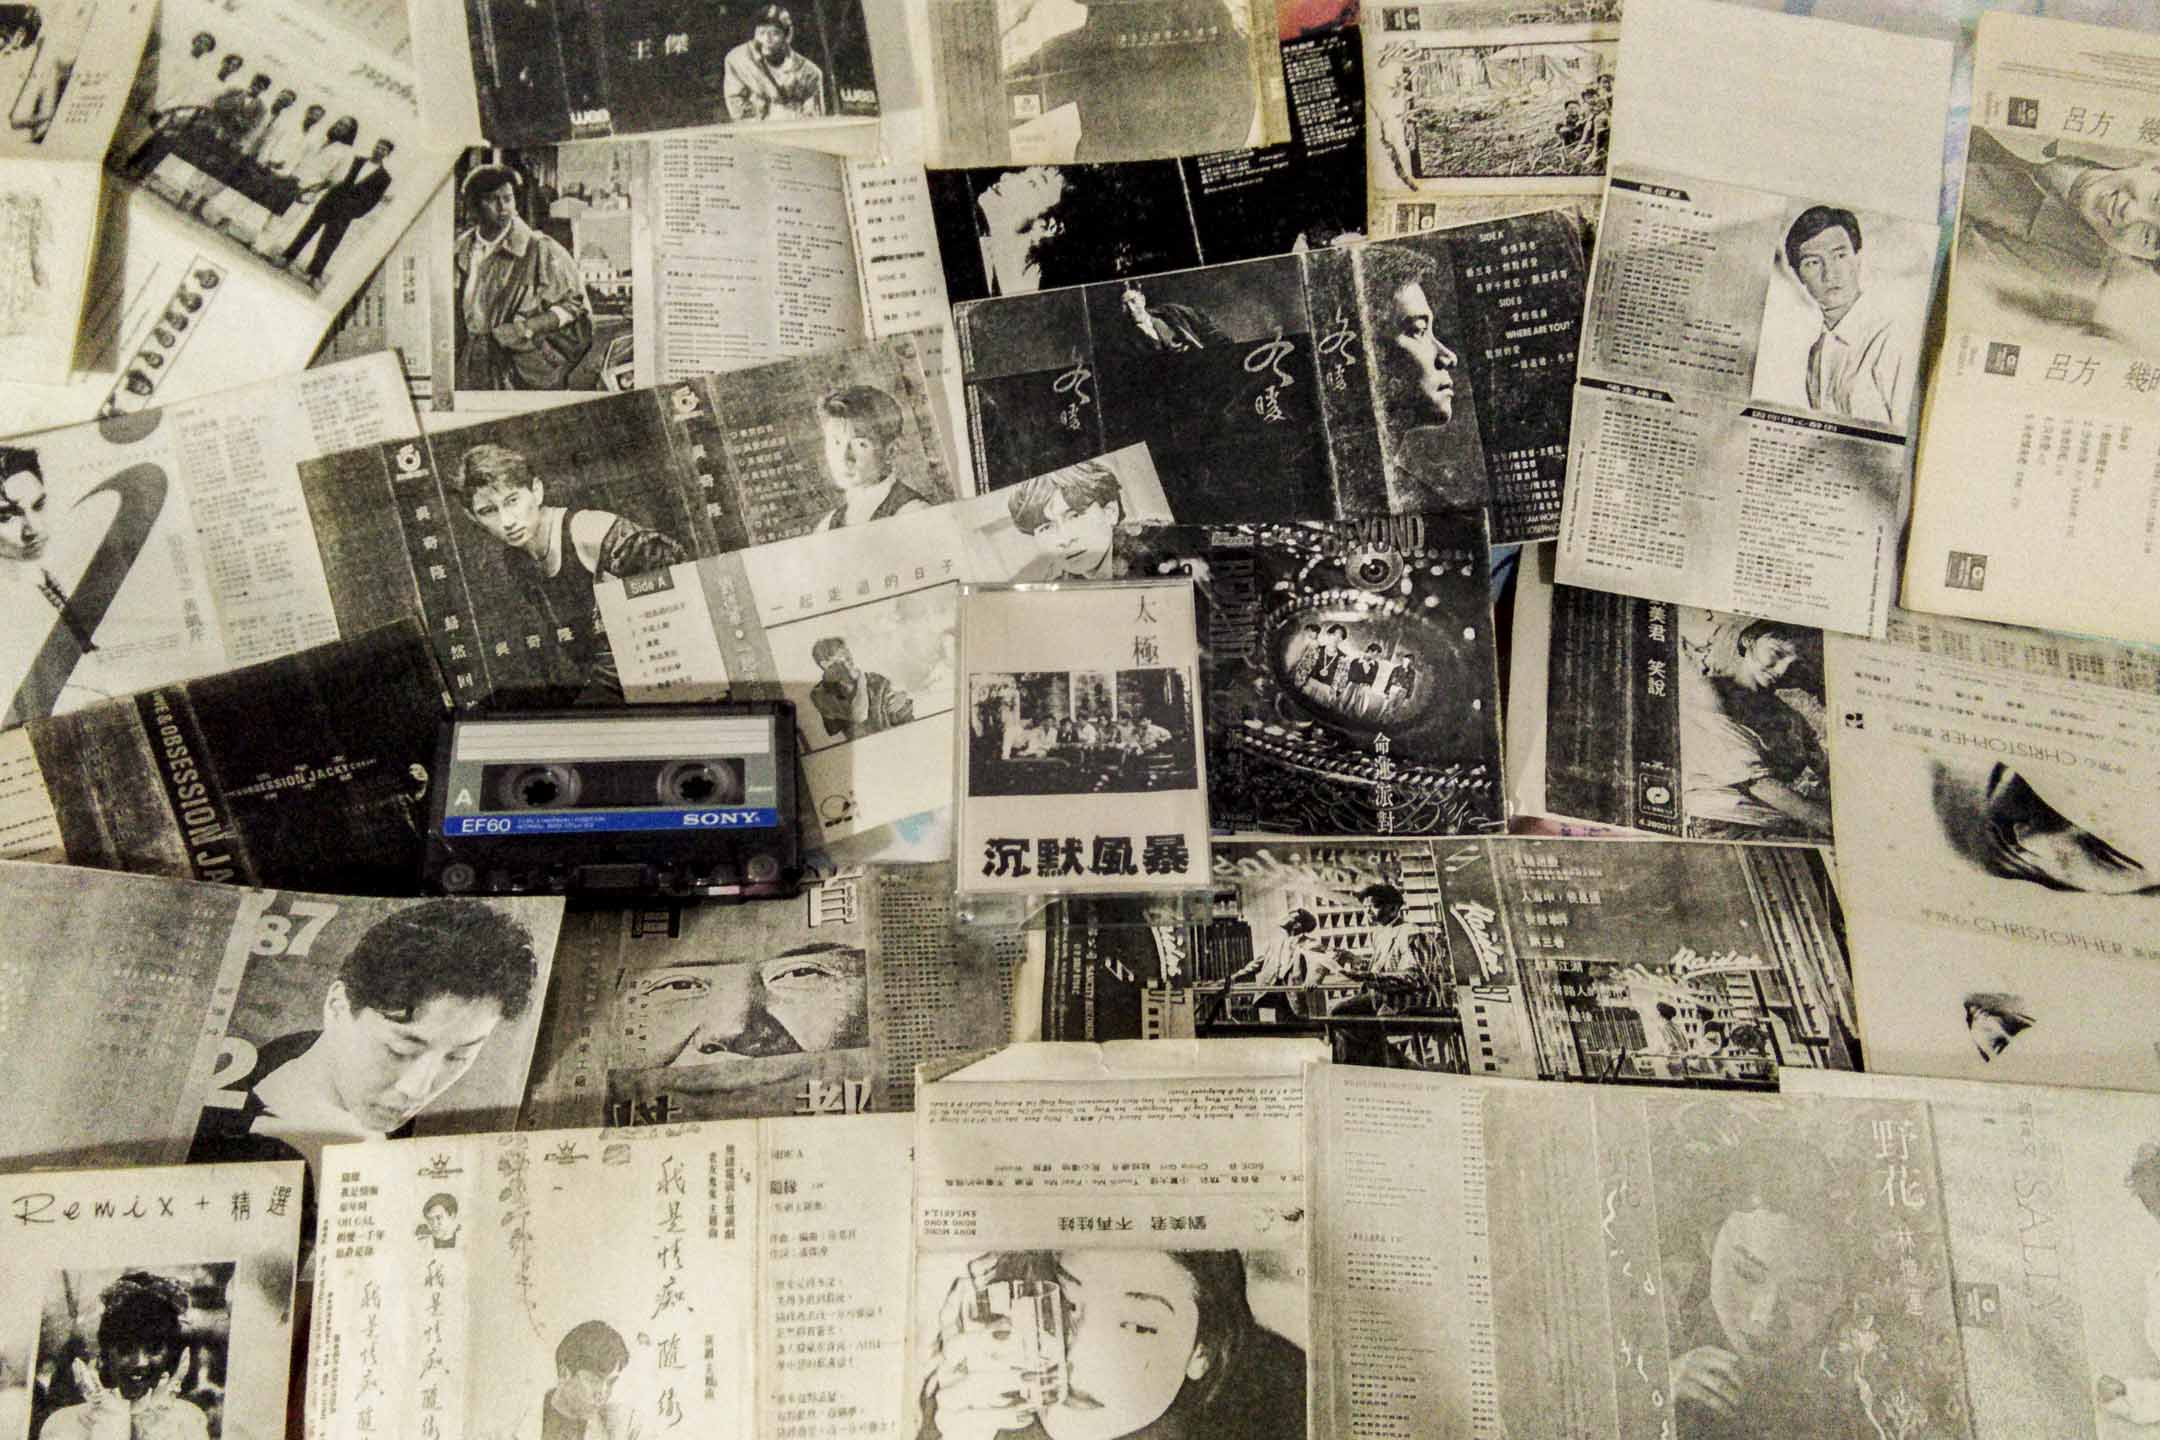 因當年粵語流行曲正版太貴且品種稀少,「拷帶」地下產業做便悄然而生,其把海外帶回來的原版磁帶翻錄在空白磁帶上,再加上黑白復印的封面和歌詞出售。 圖:受訪者提供